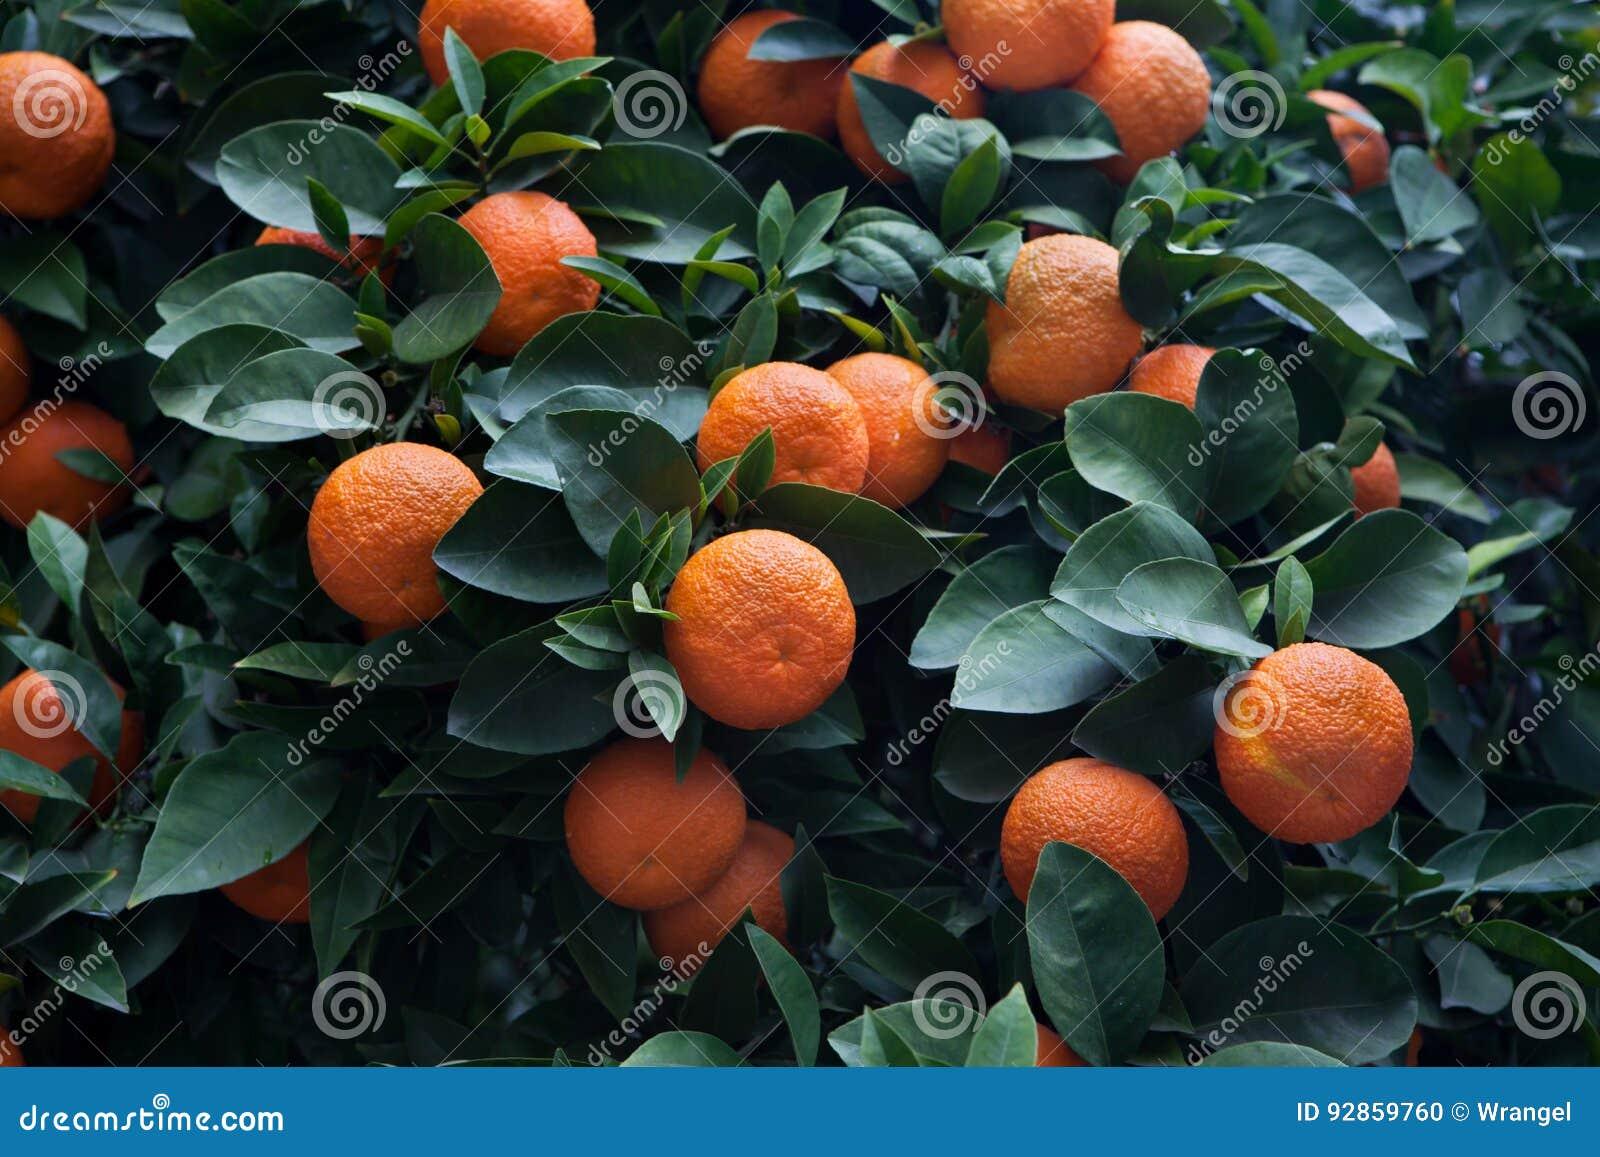 Bitter orange tree Citrus aurantium